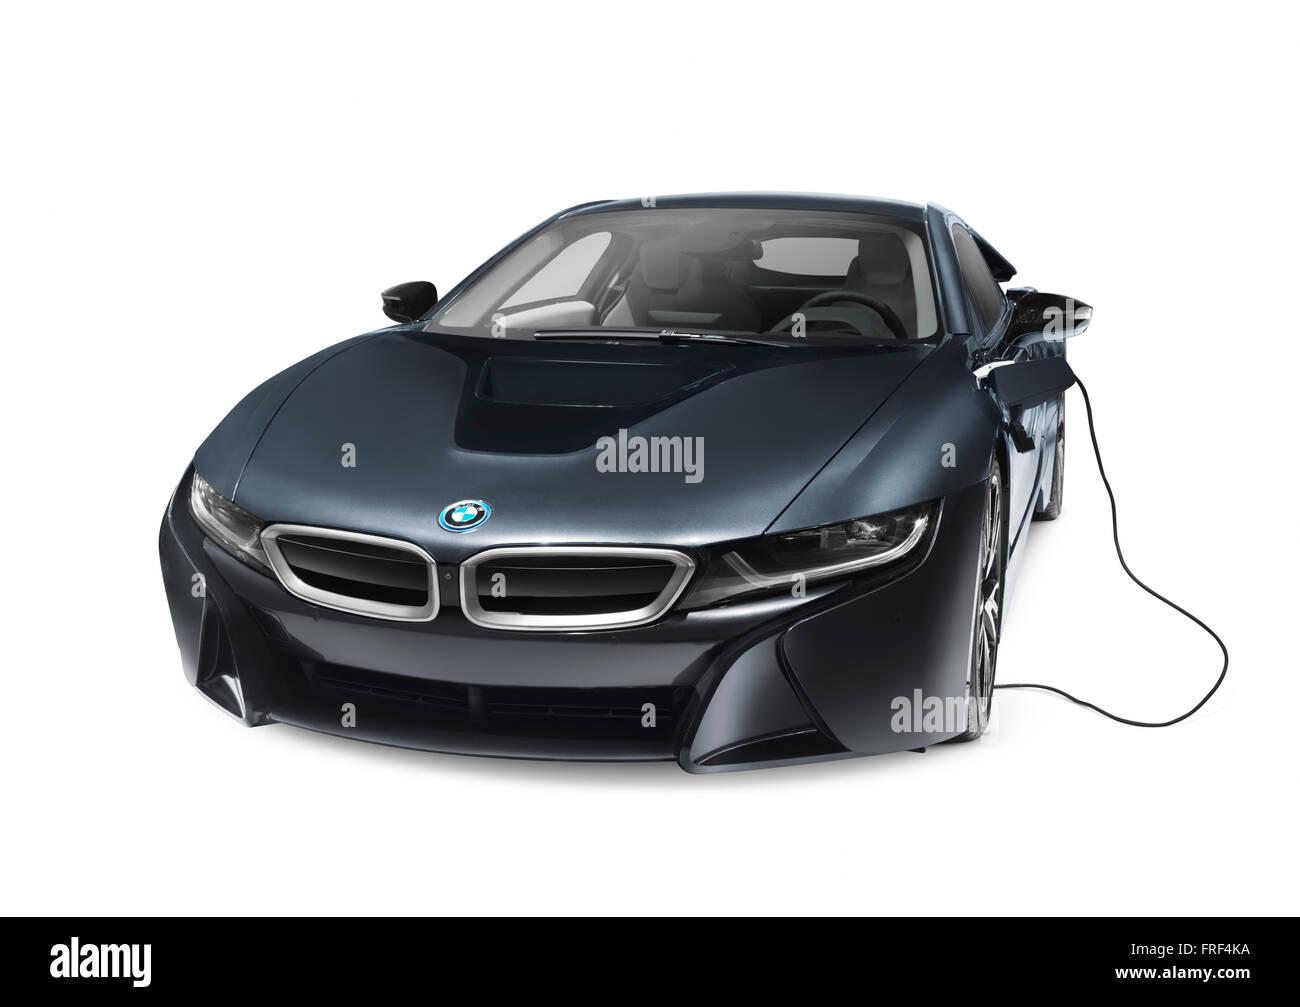 Black 2016 Bmw I8 Plug In Hybrid Electric Luxury Sports Car With